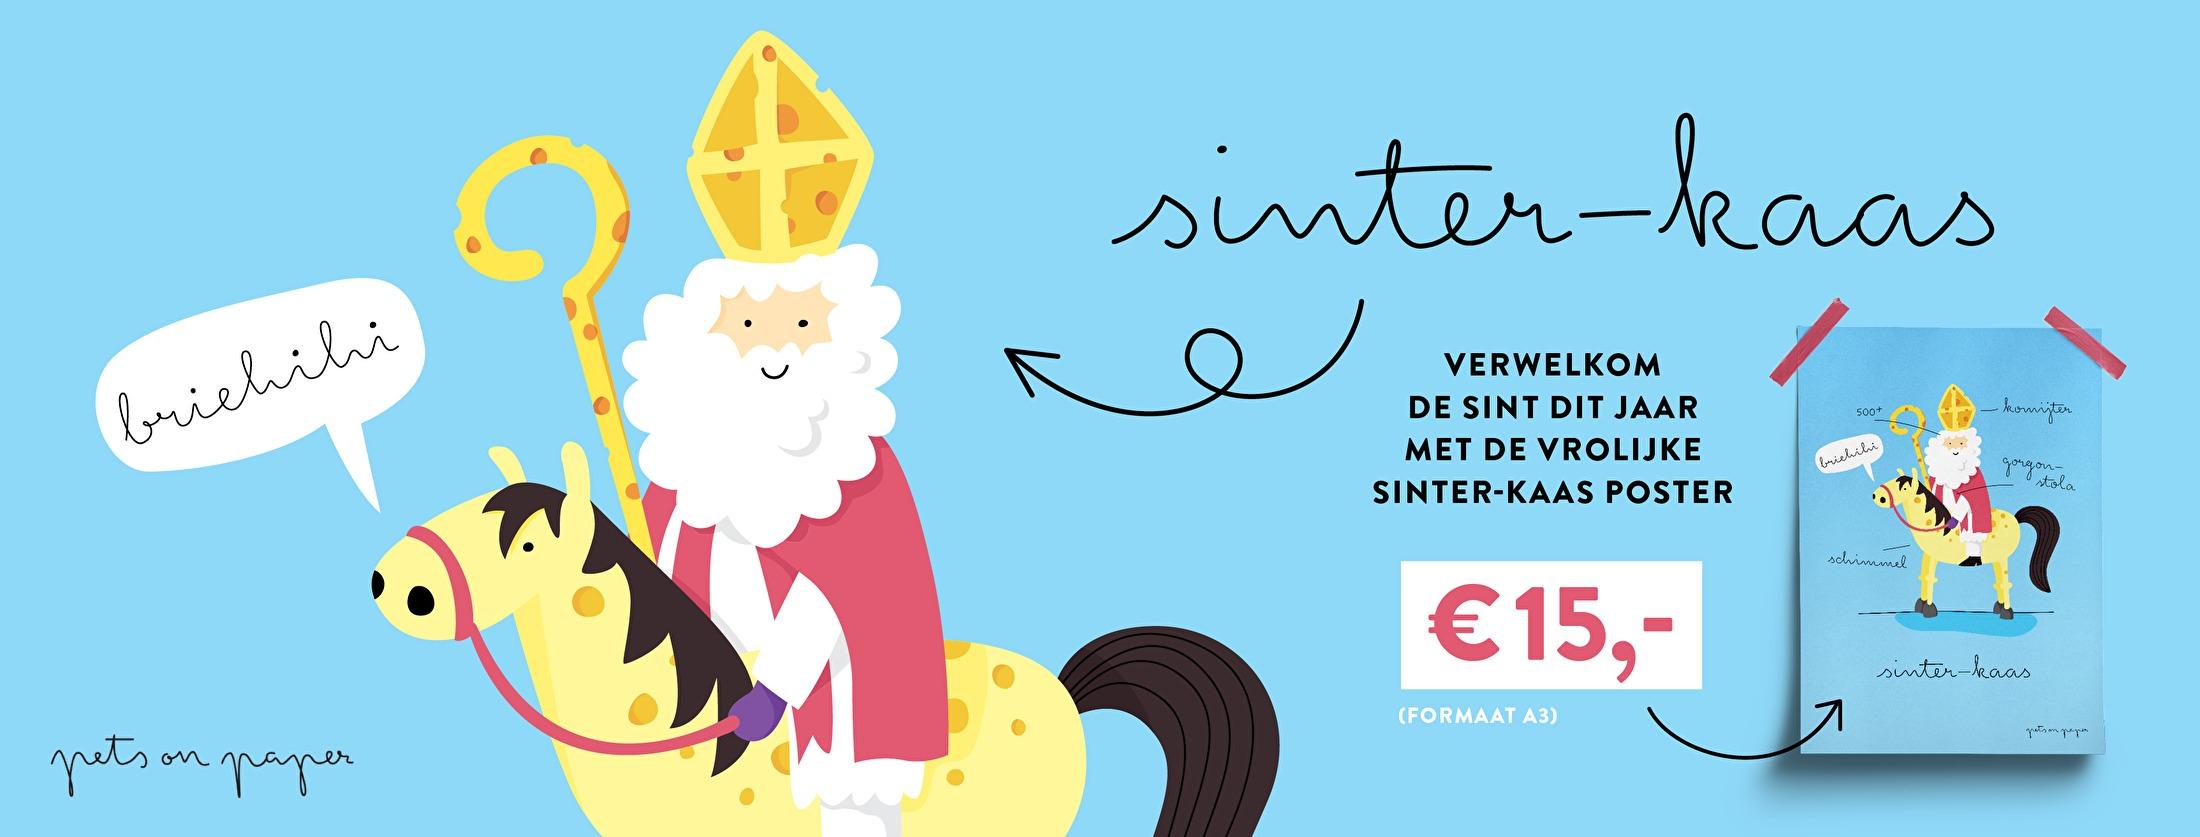 sinter-kaas poster